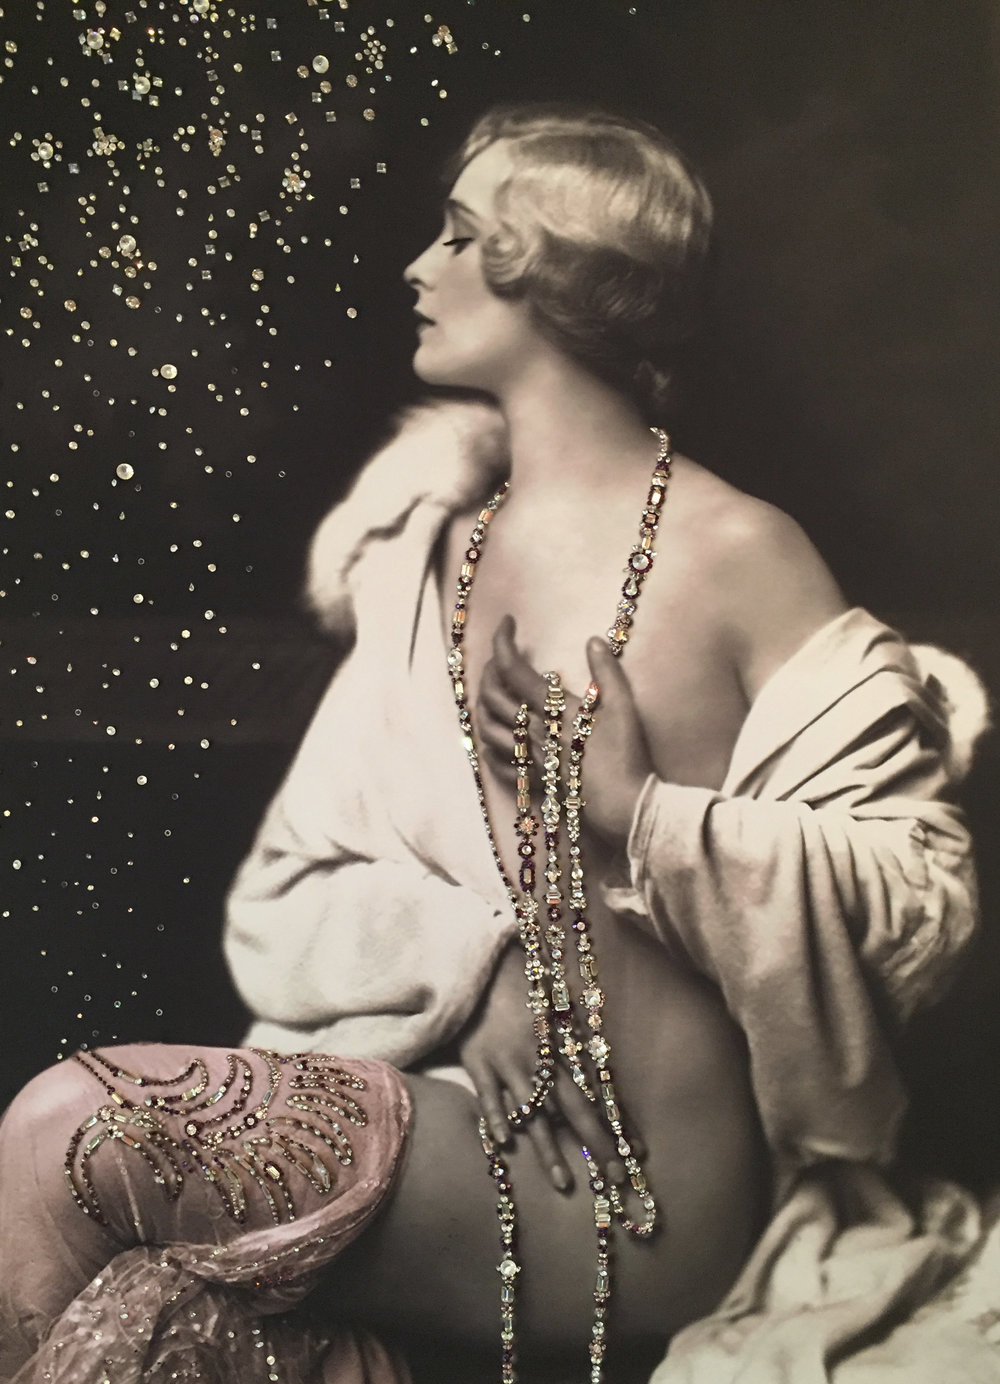 BELLEZZA - VanitartCollezione Le Donne d'EpocaMisura 70x100 cmLavorazione in cristalli Swarovski e Specchi